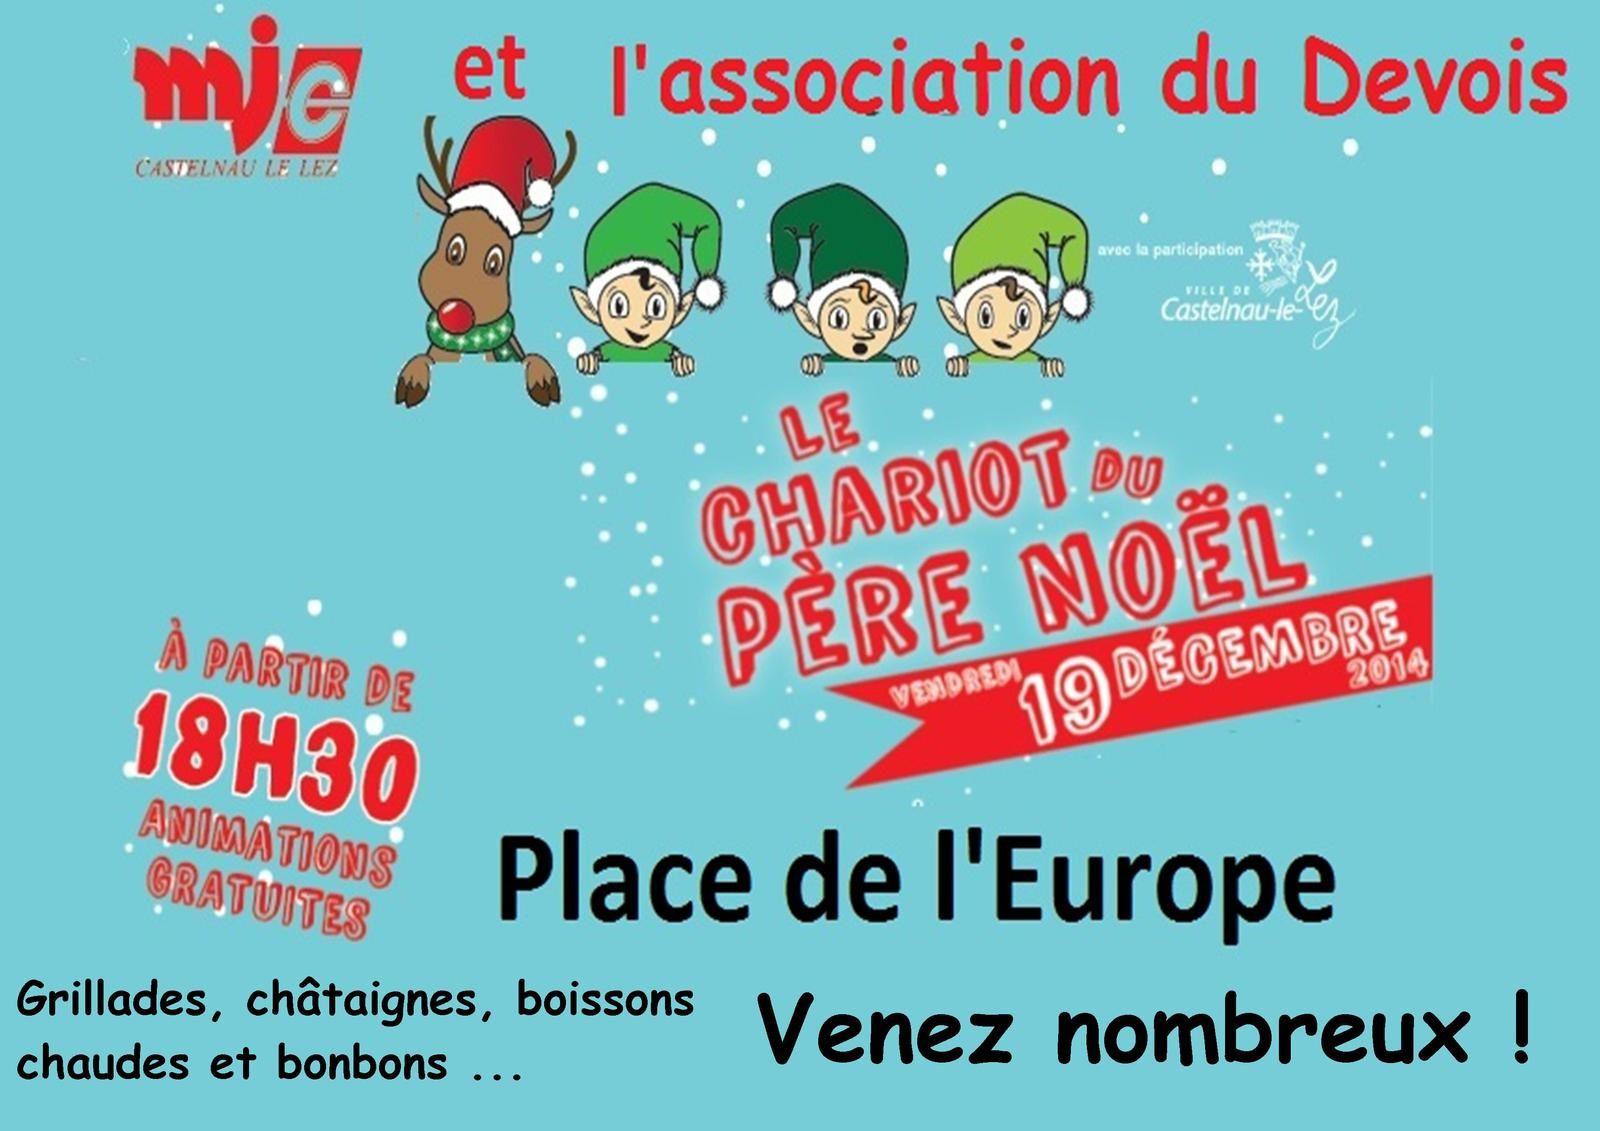 Le chariot du Père Noël à Castelnau le Lez